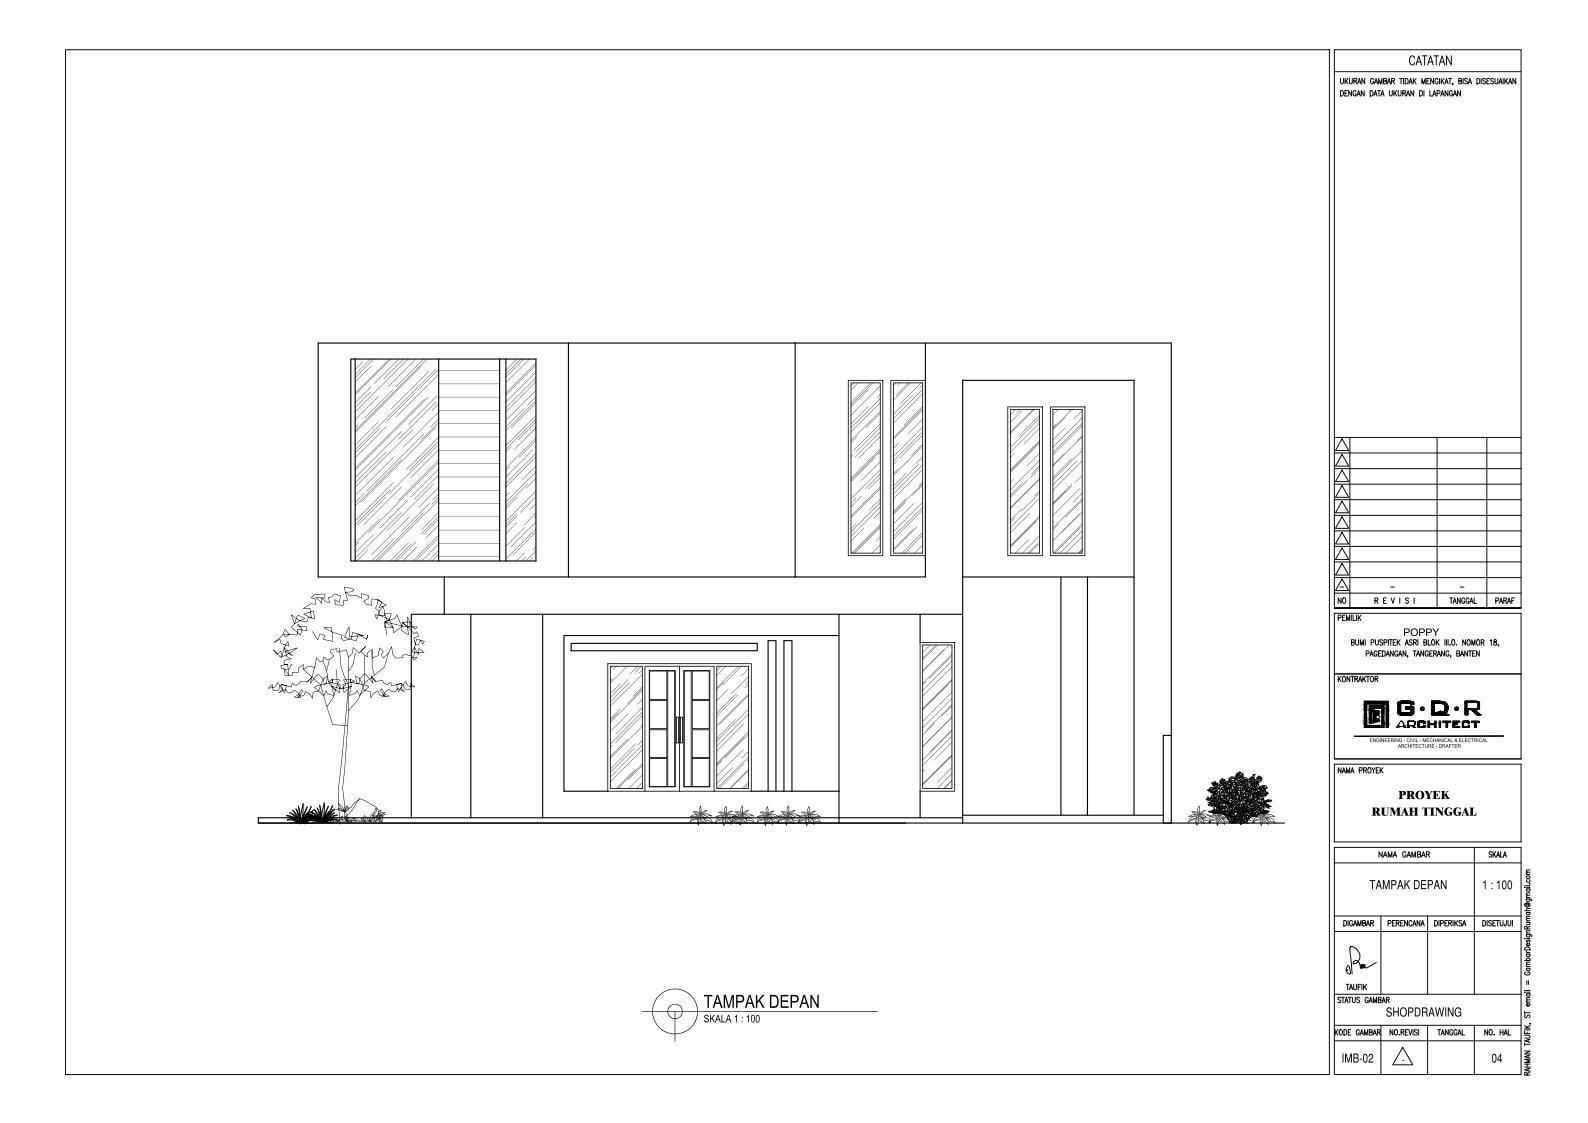 Jasa Desain Rumah Contoh Paket Gambar Kerja 04 TAMPAK DEPAN